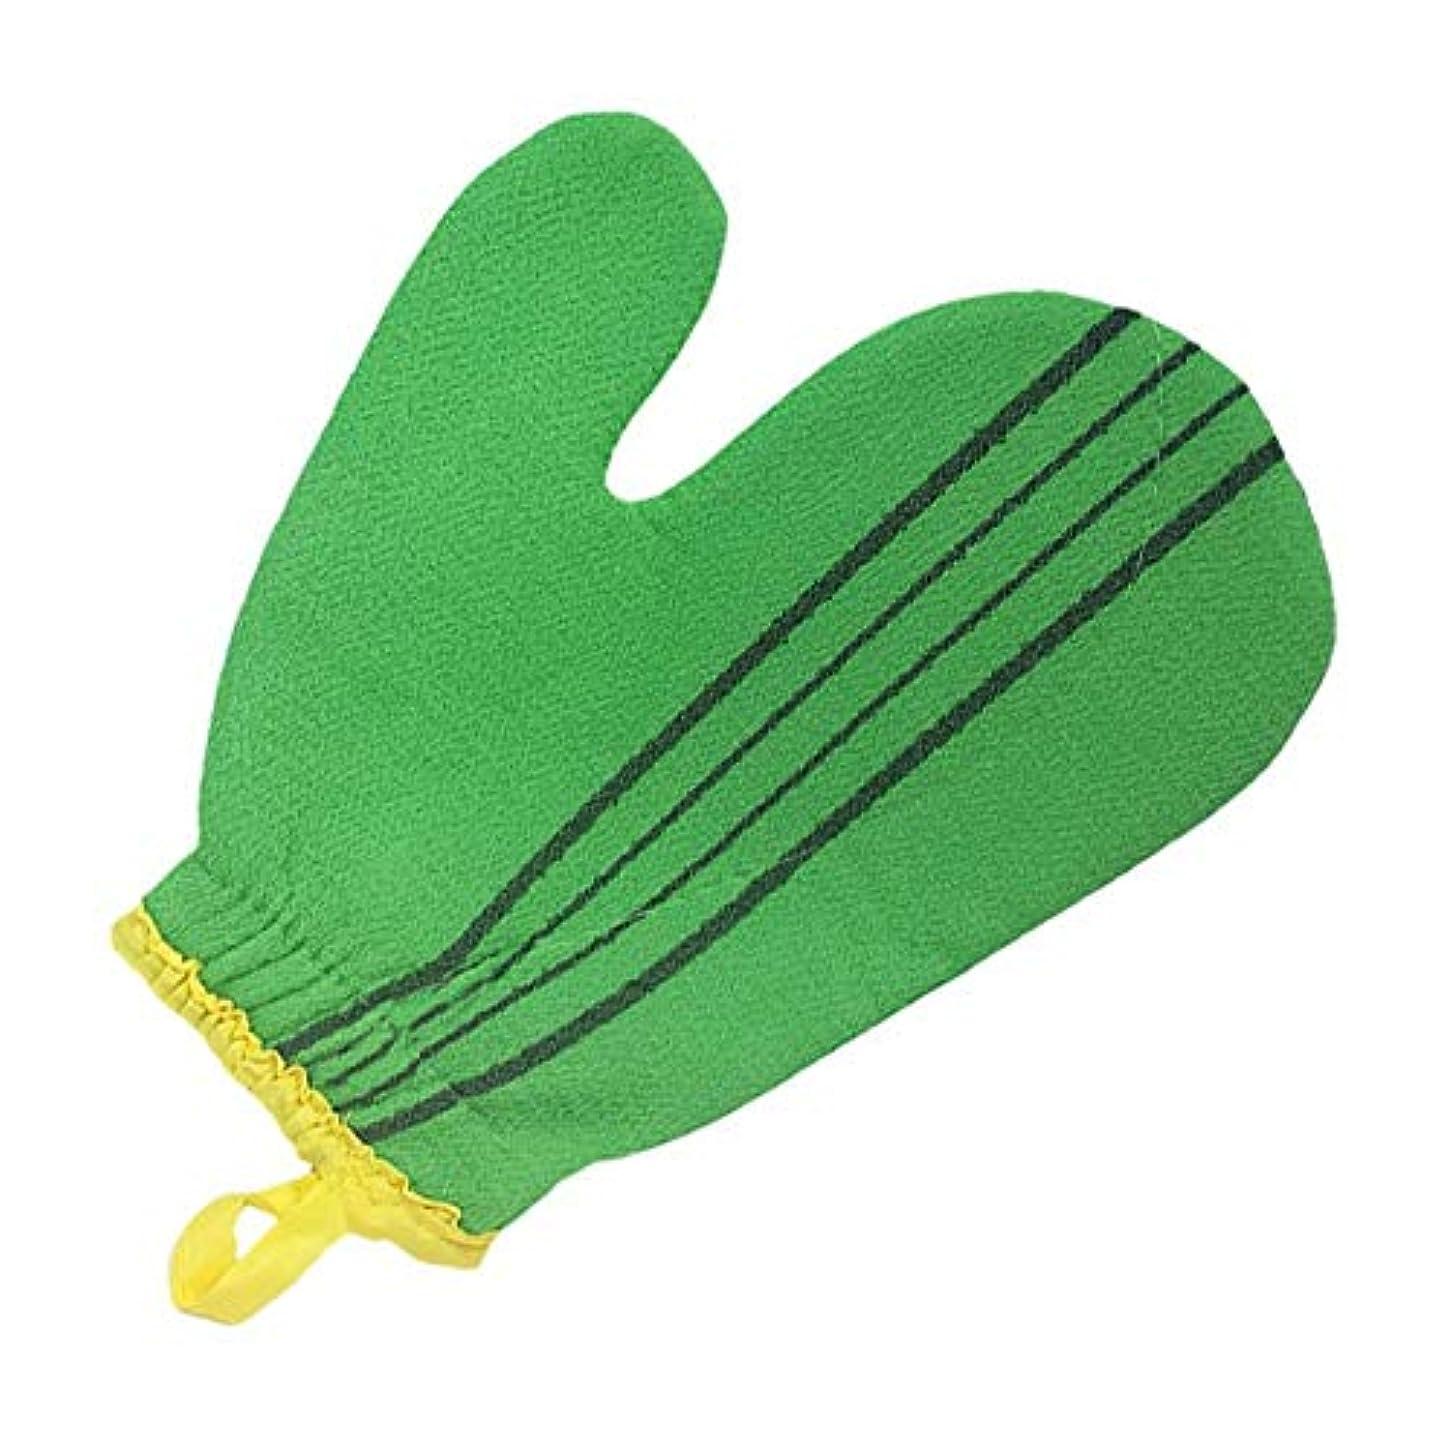 追記オークランド徐々に(韓国ブランド) 特大サイズ スポンジあかすり 手袋型 全身エステ 両面つばあかすり お風呂グッズ ボディタオル ボディースポンジ